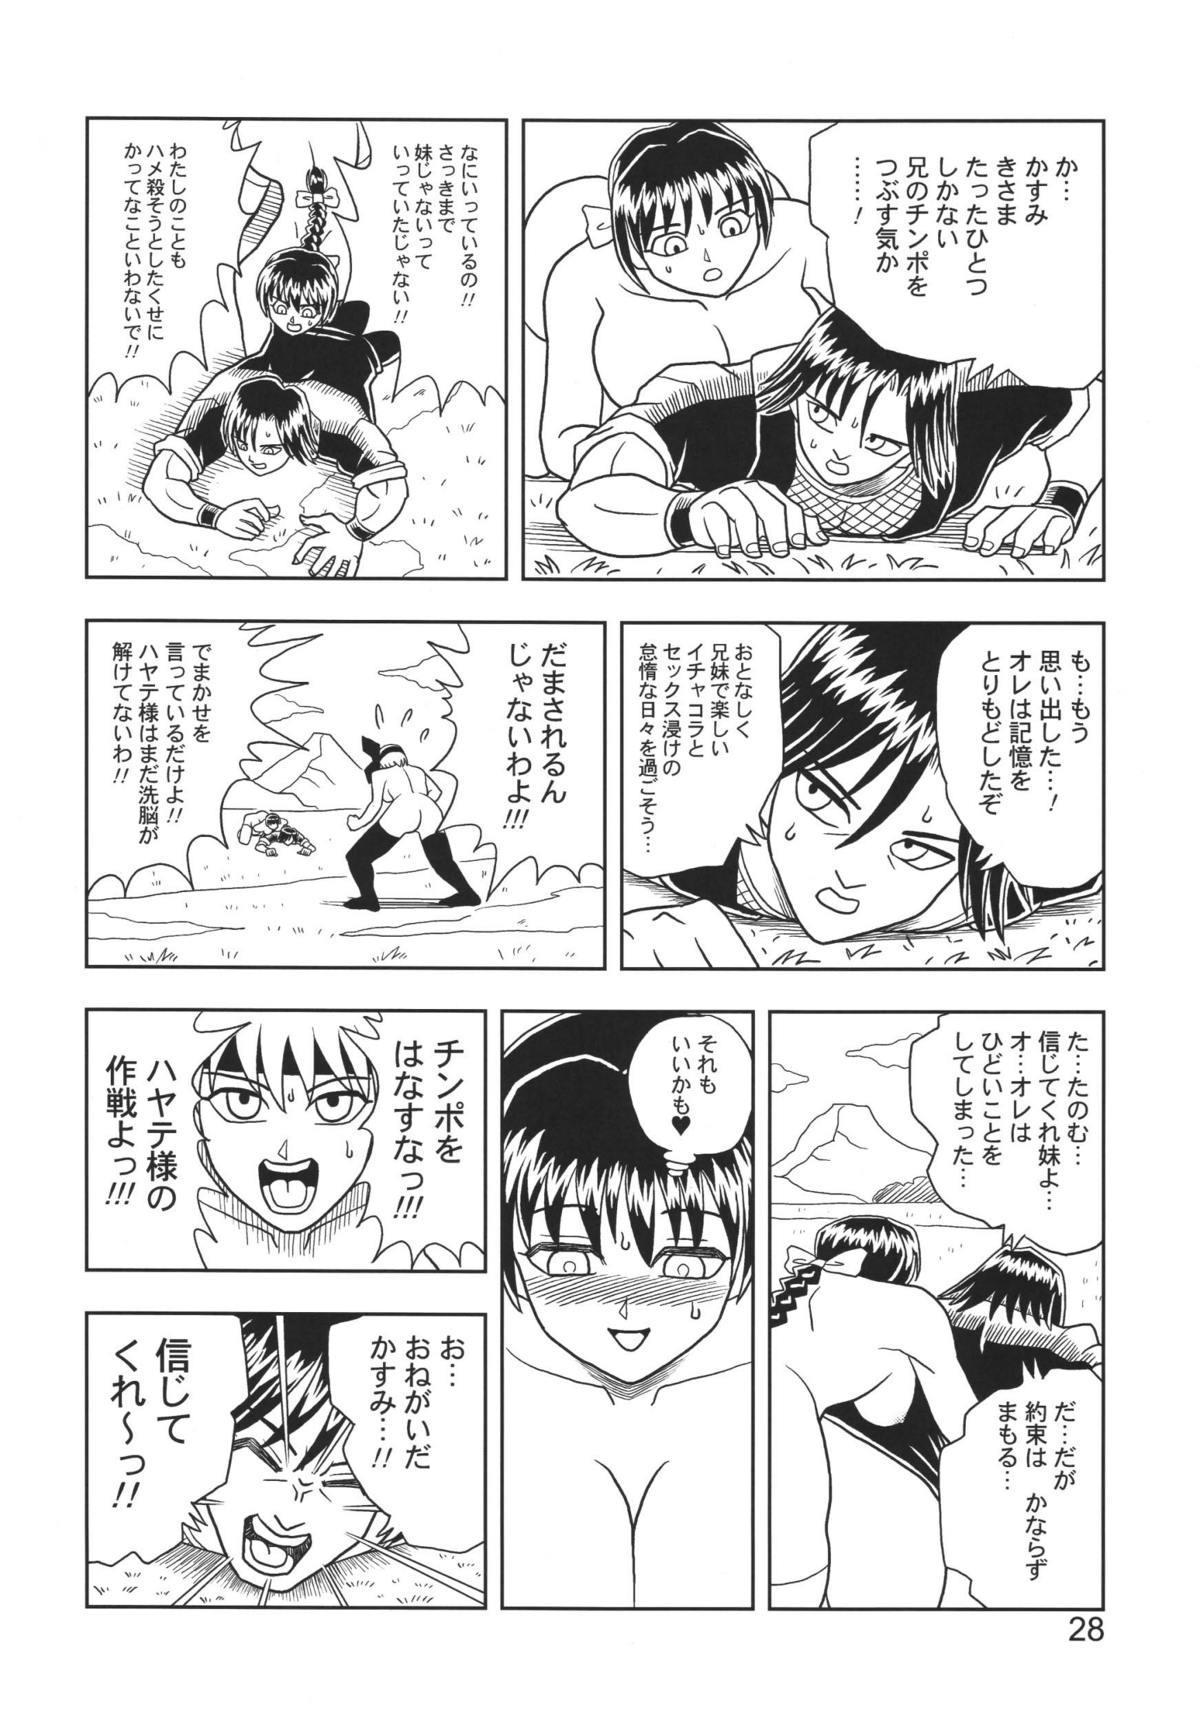 Kasumi or Ayane 27